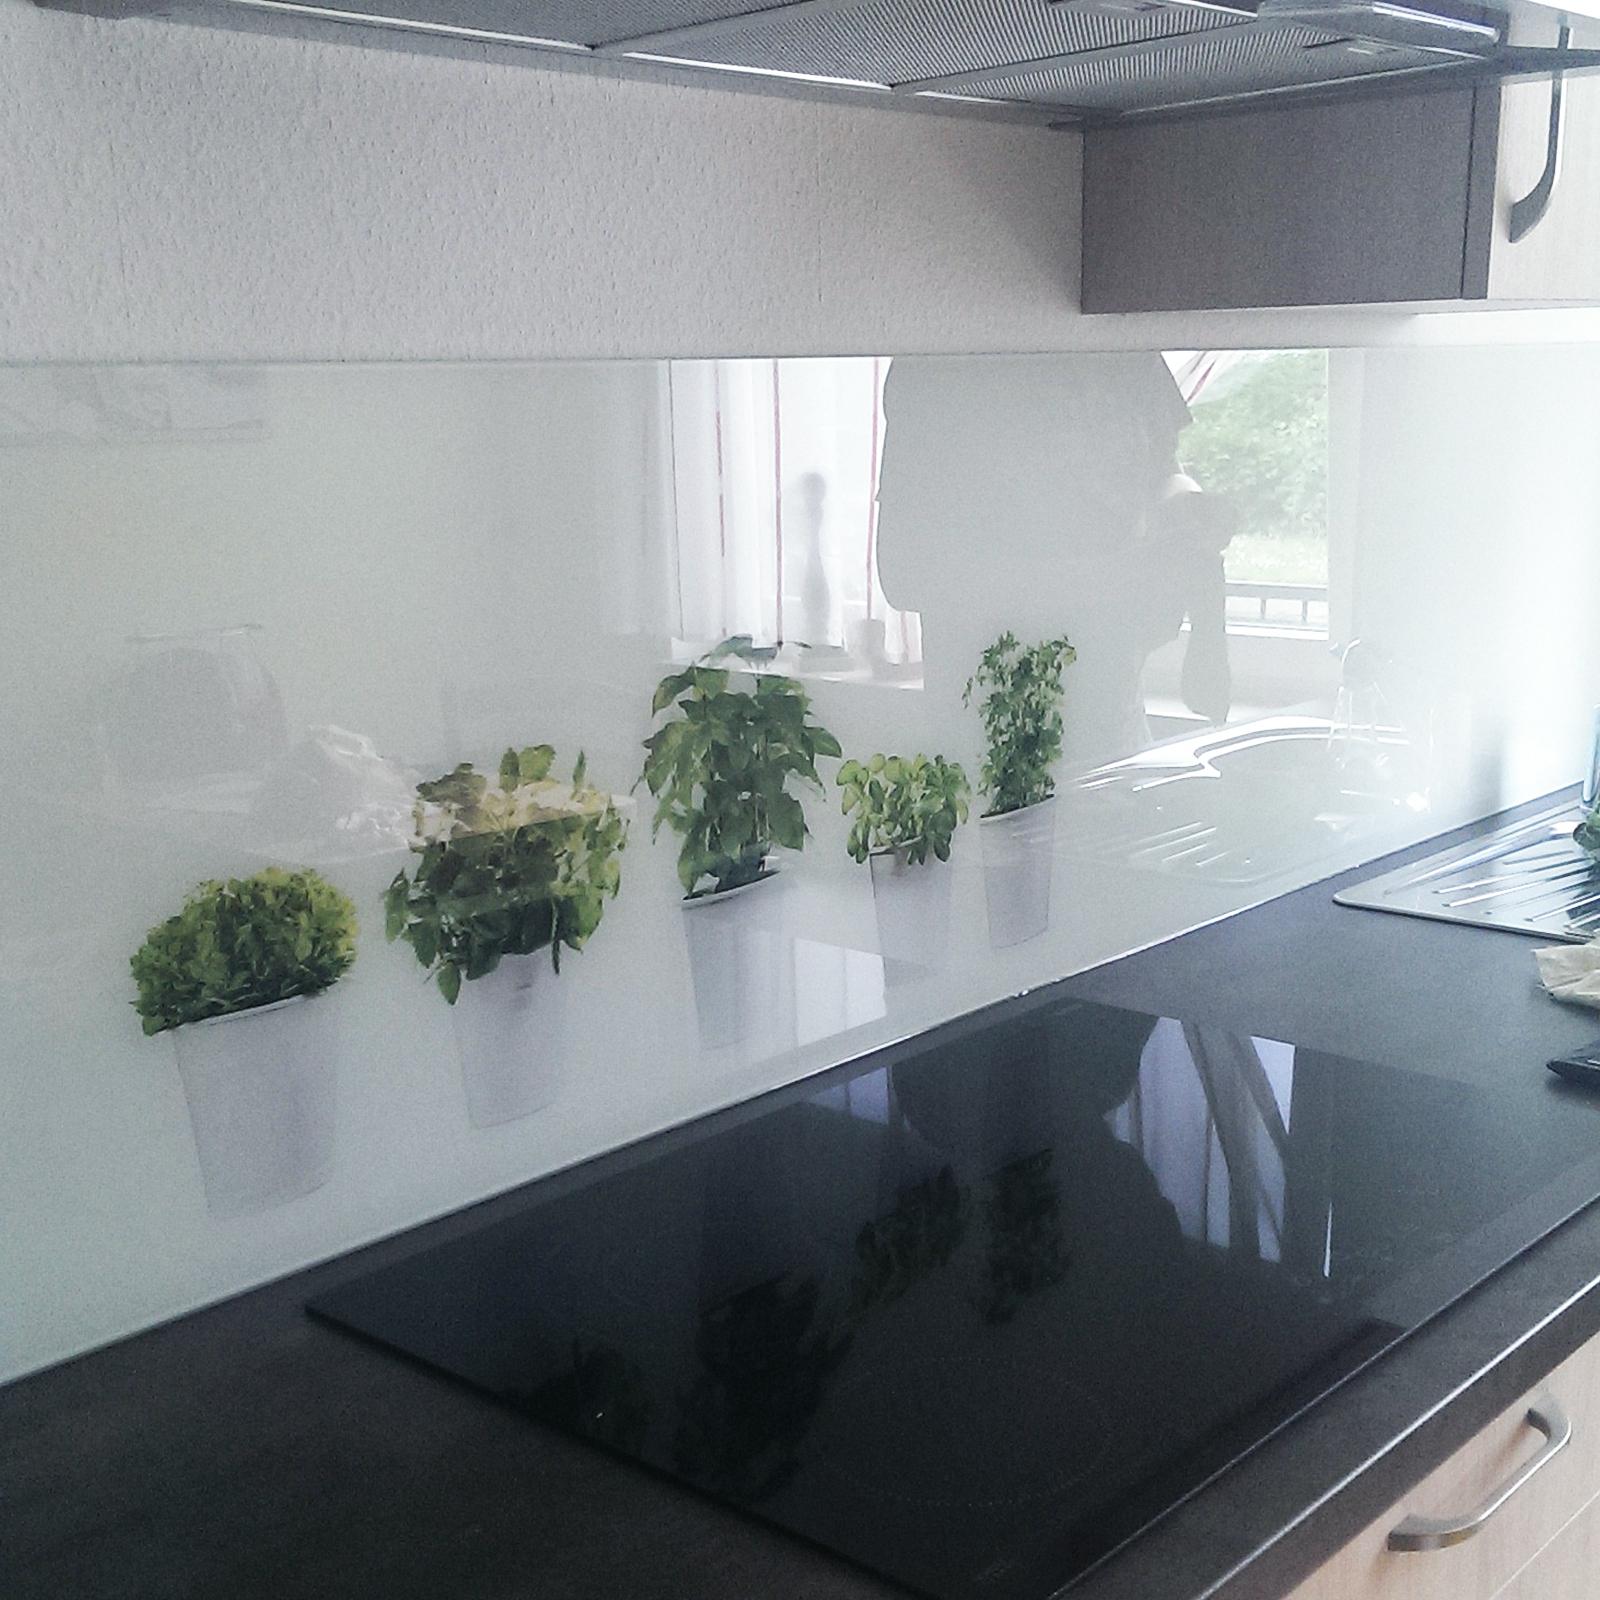 Küchenrückwand mit rückseitigem Siebdruck